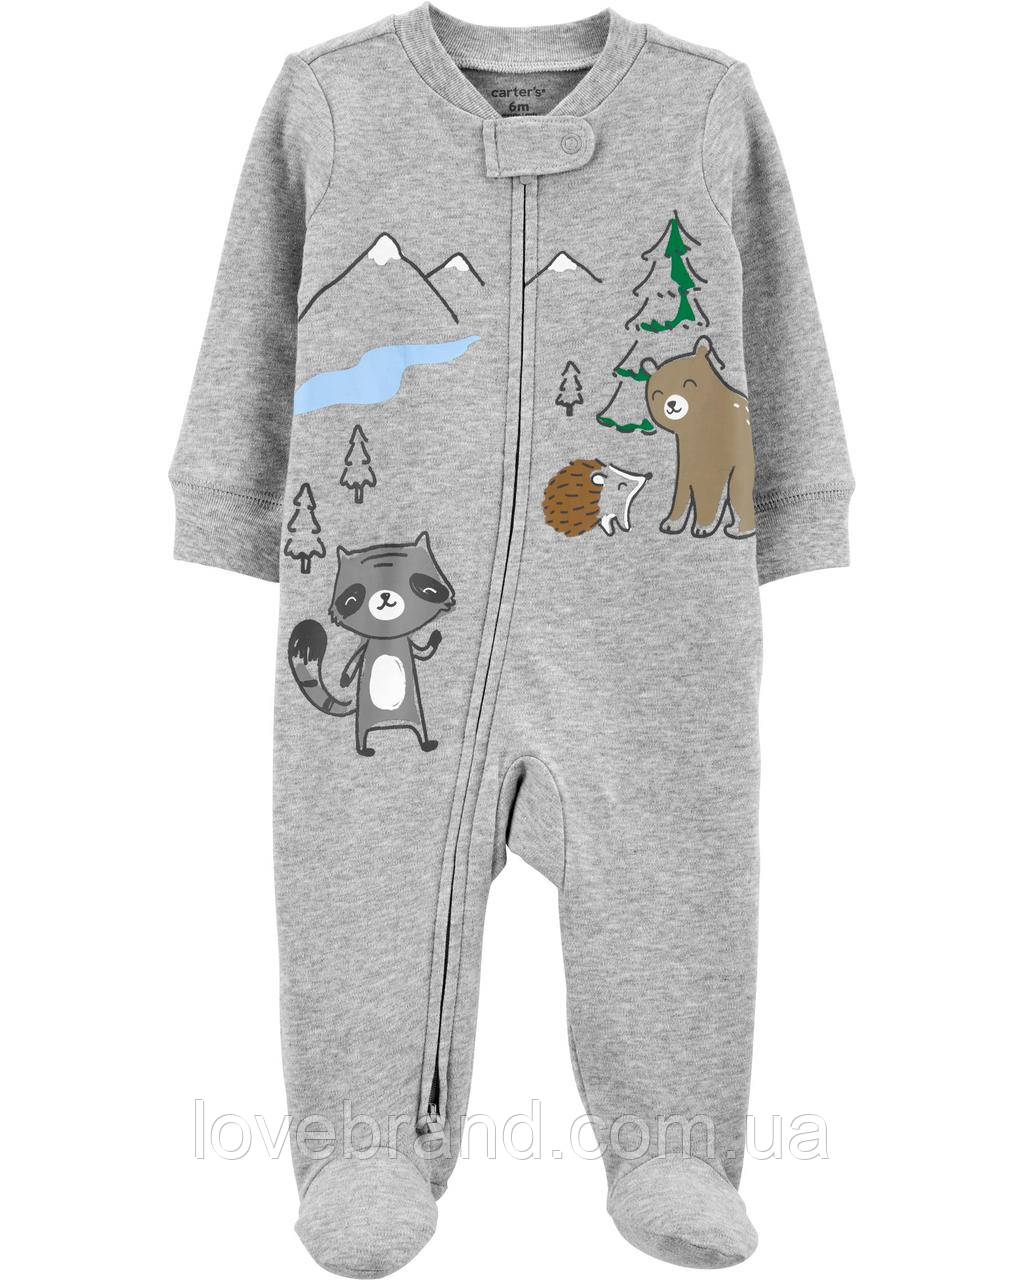 """Хлопковый человечек Carter's для мальчика """"Лесные жители"""" для новорожденных 3 мес/55-61 см"""